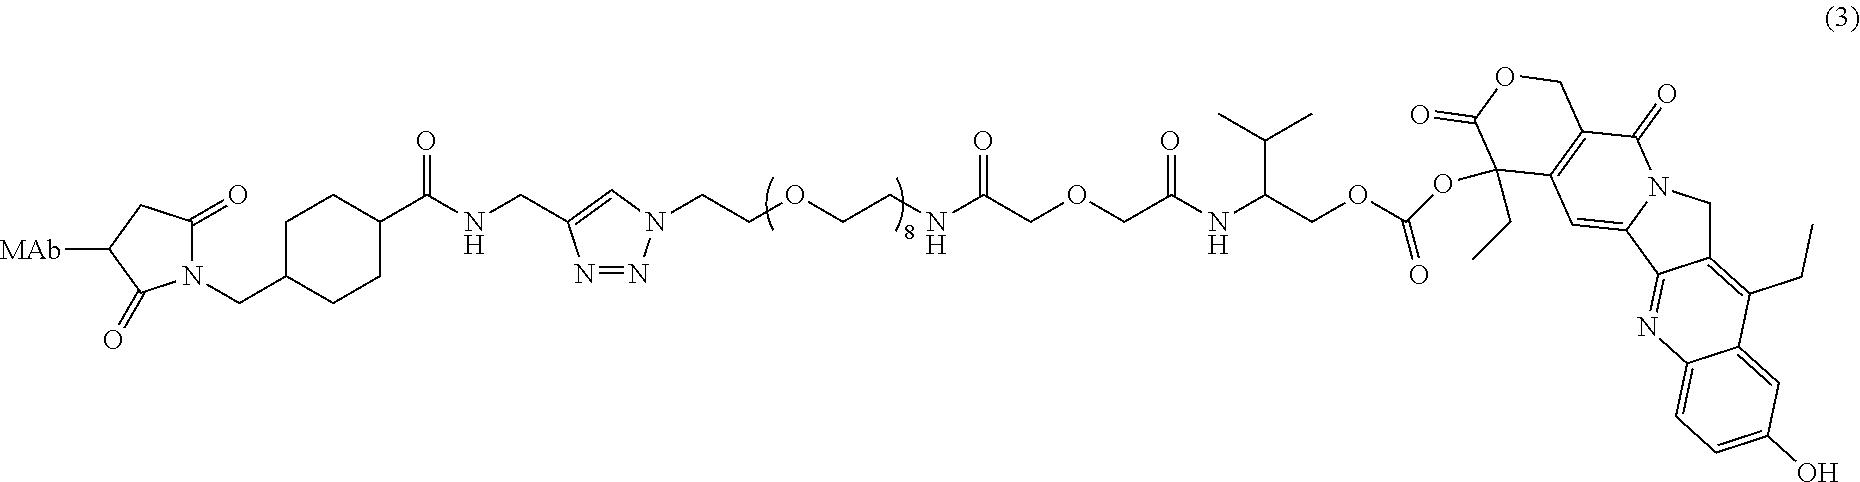 Figure US09481732-20161101-C00002